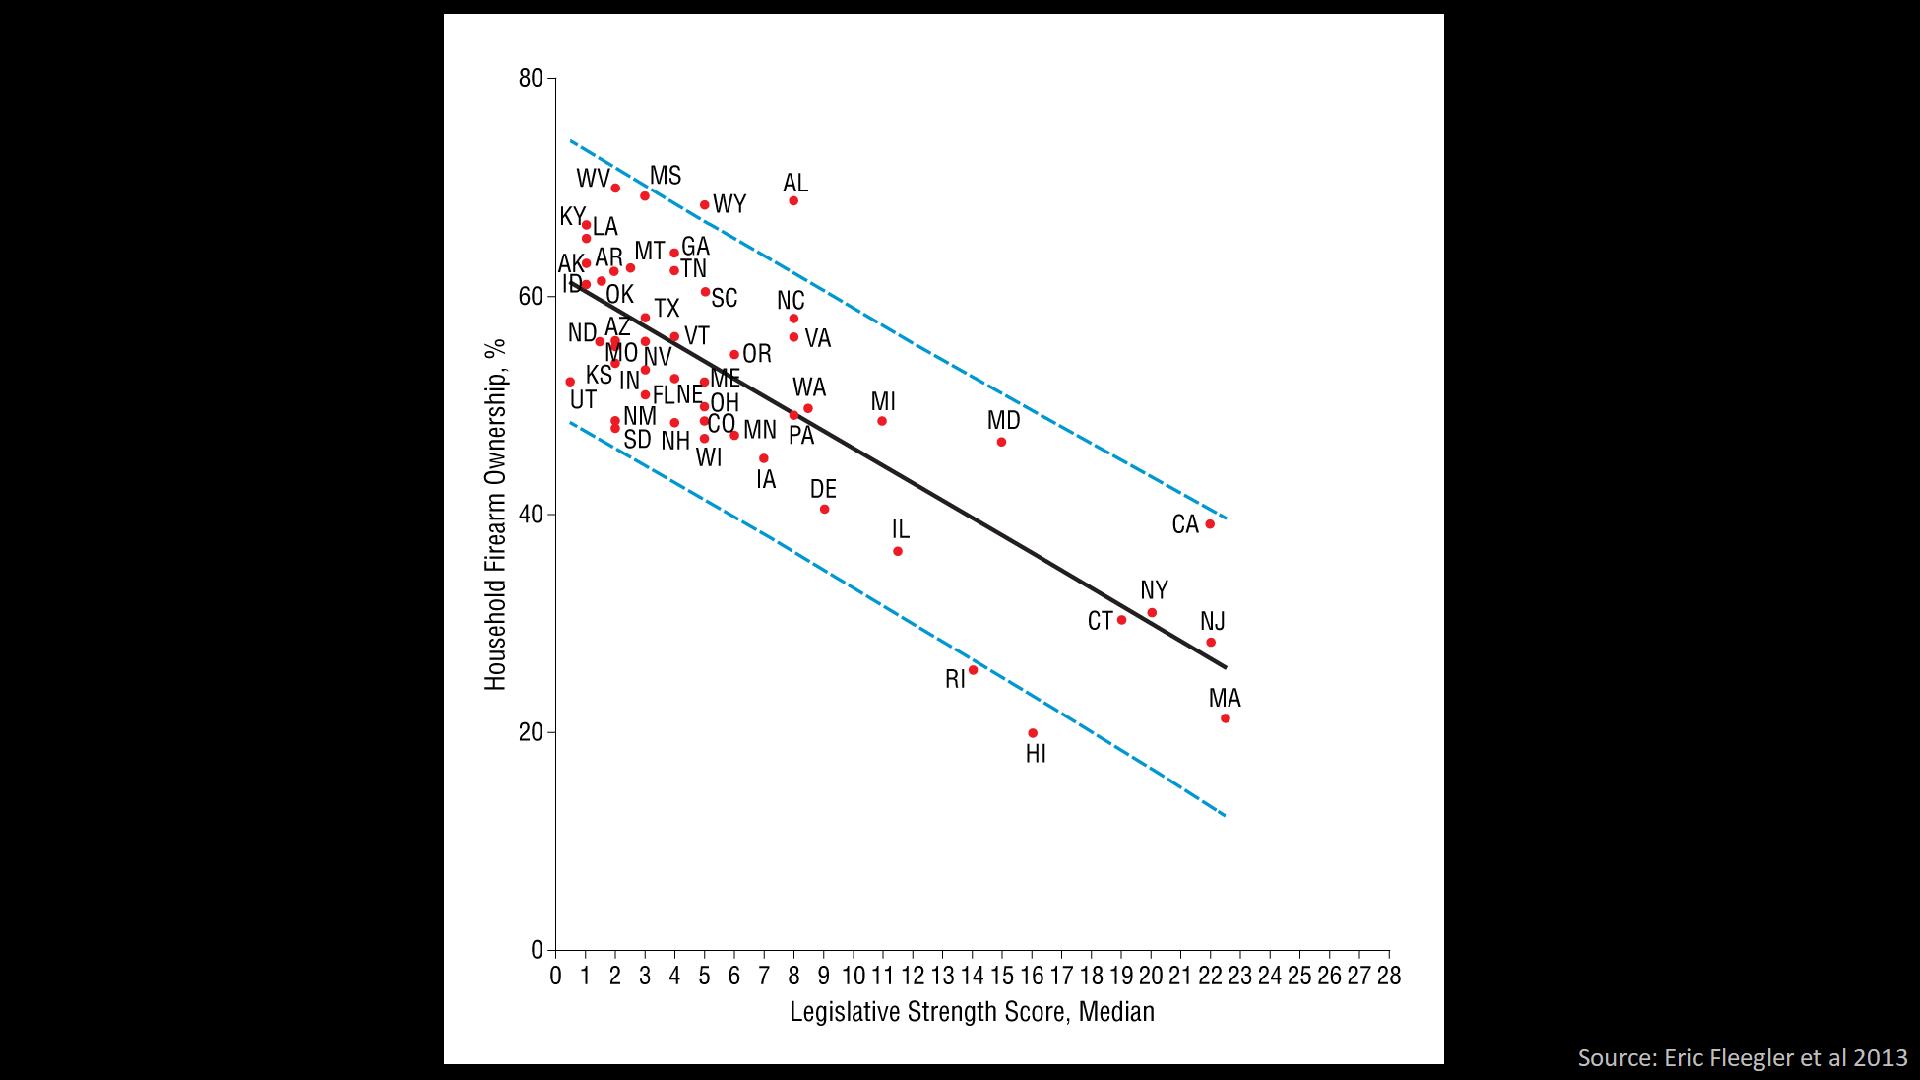 fleegler graph 2.png